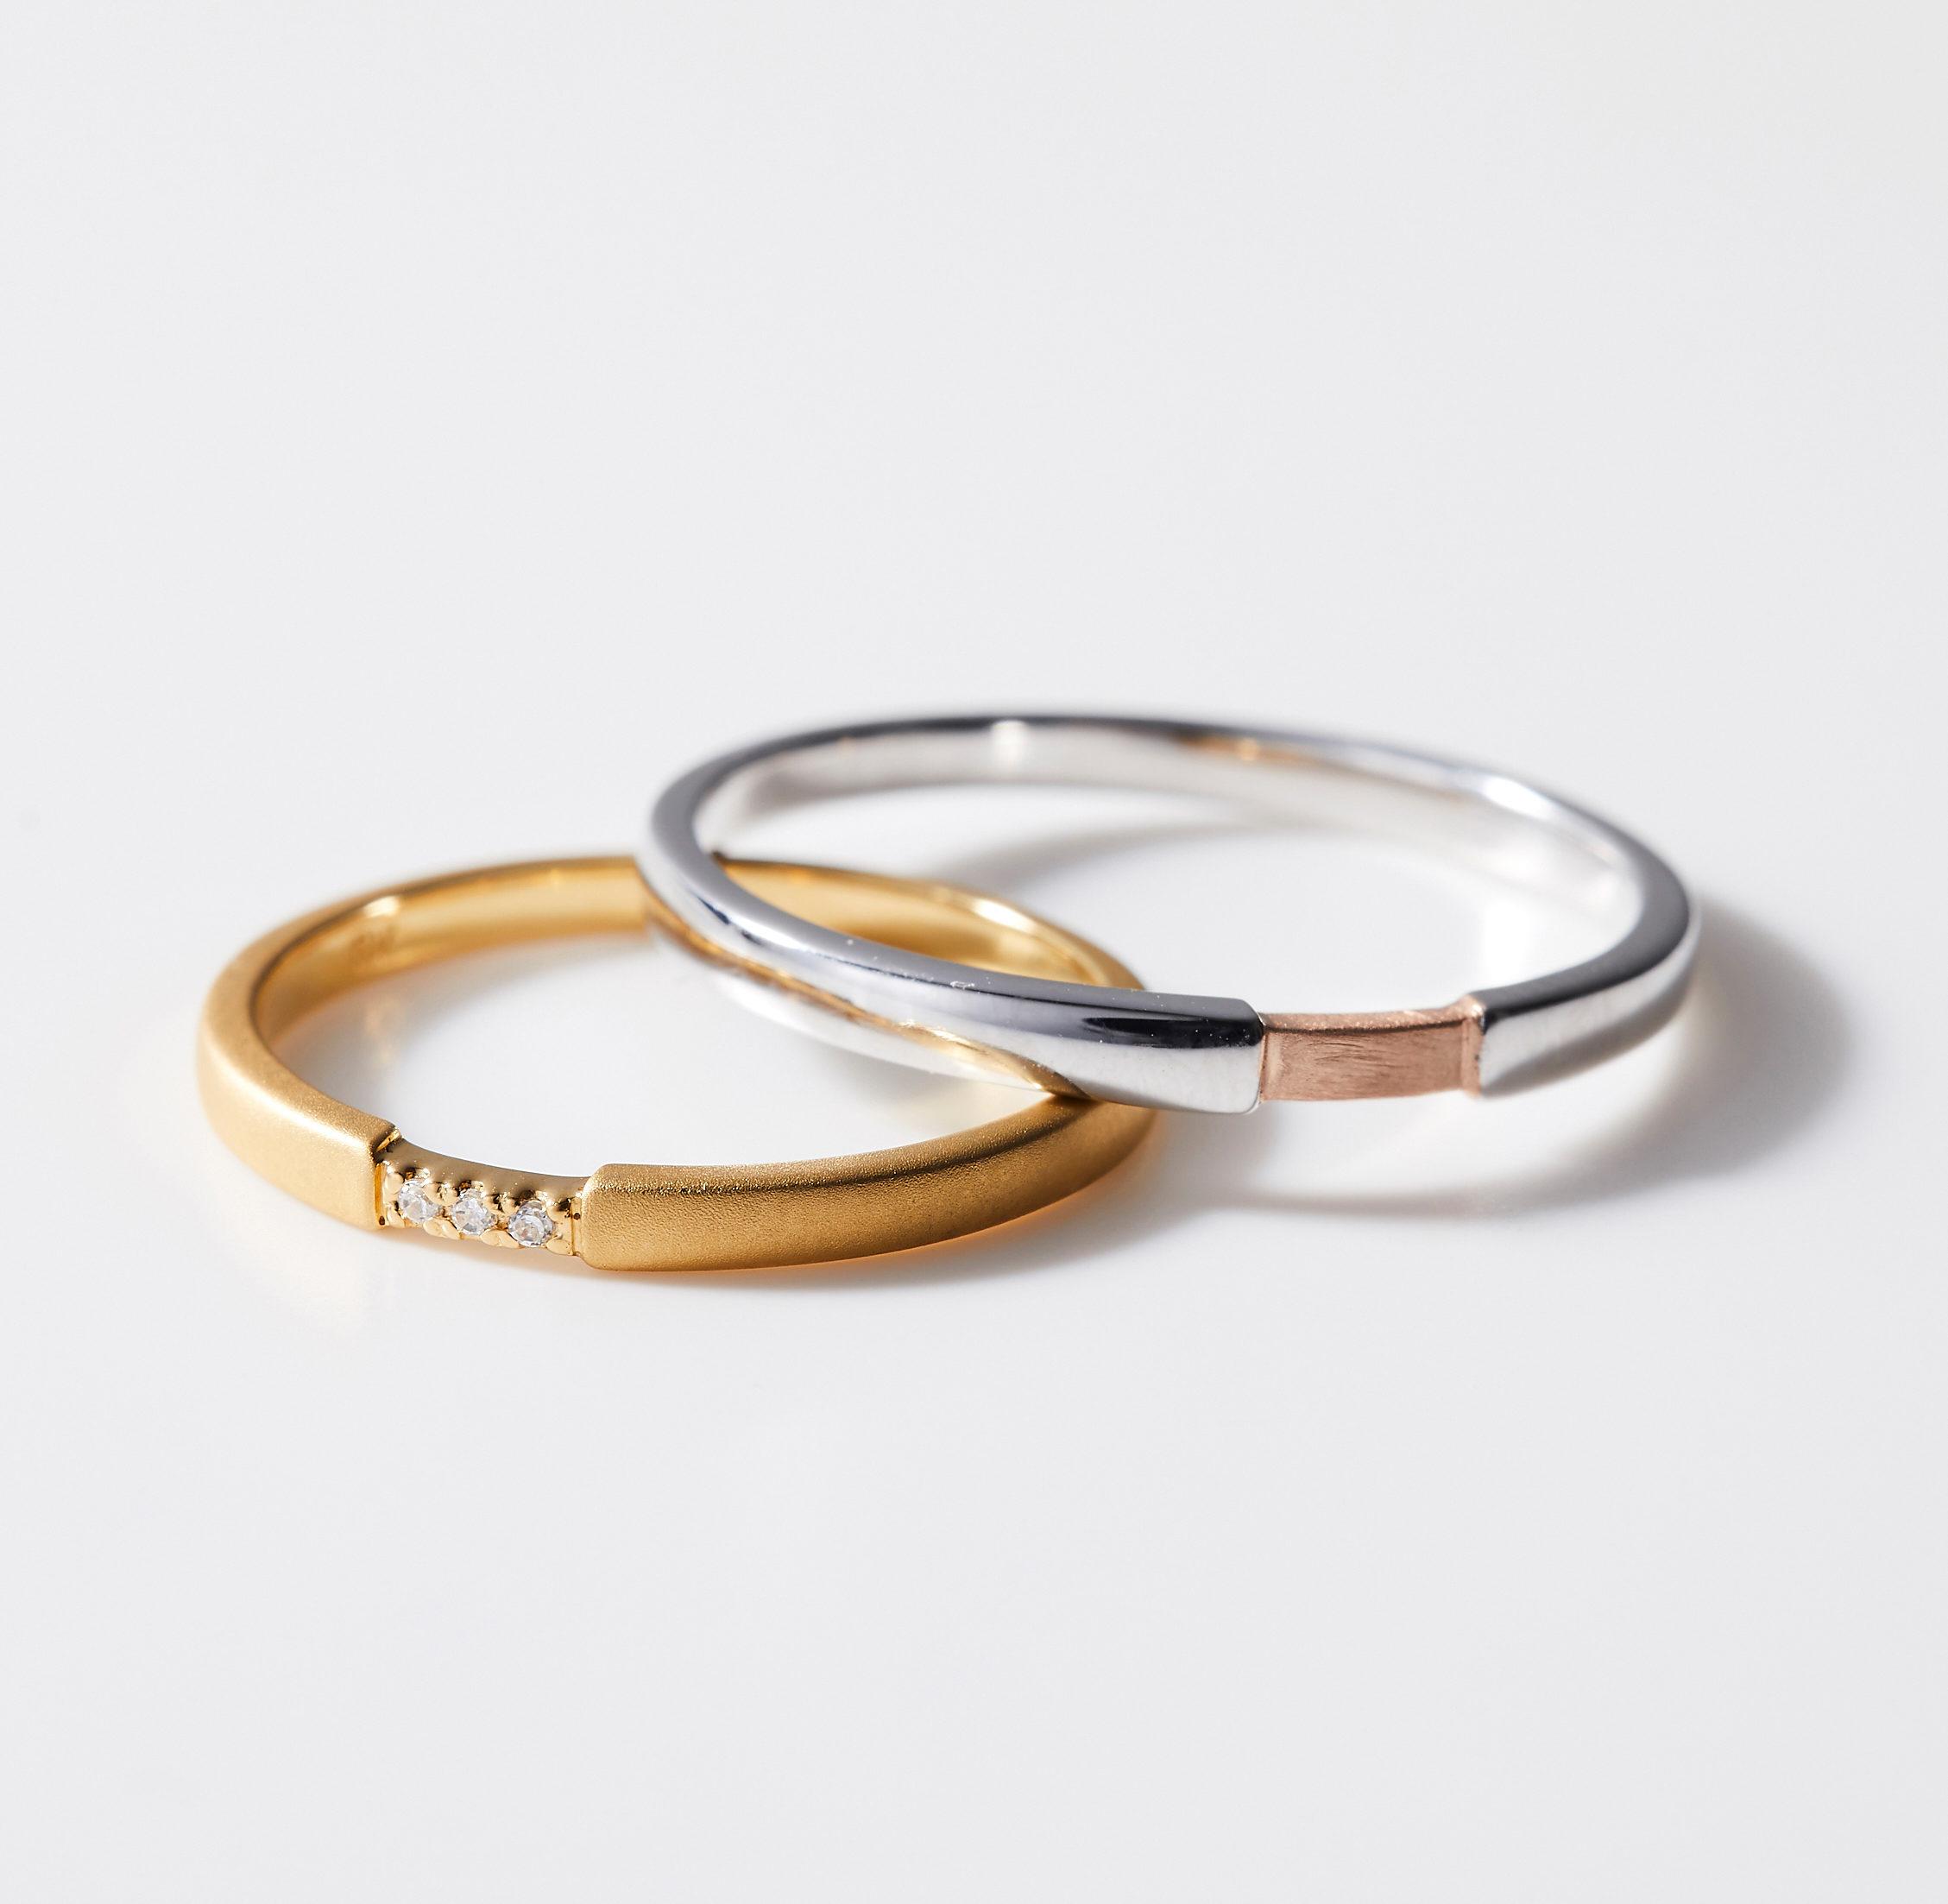 シンプル 結婚指輪のMJS-4・MJS-5